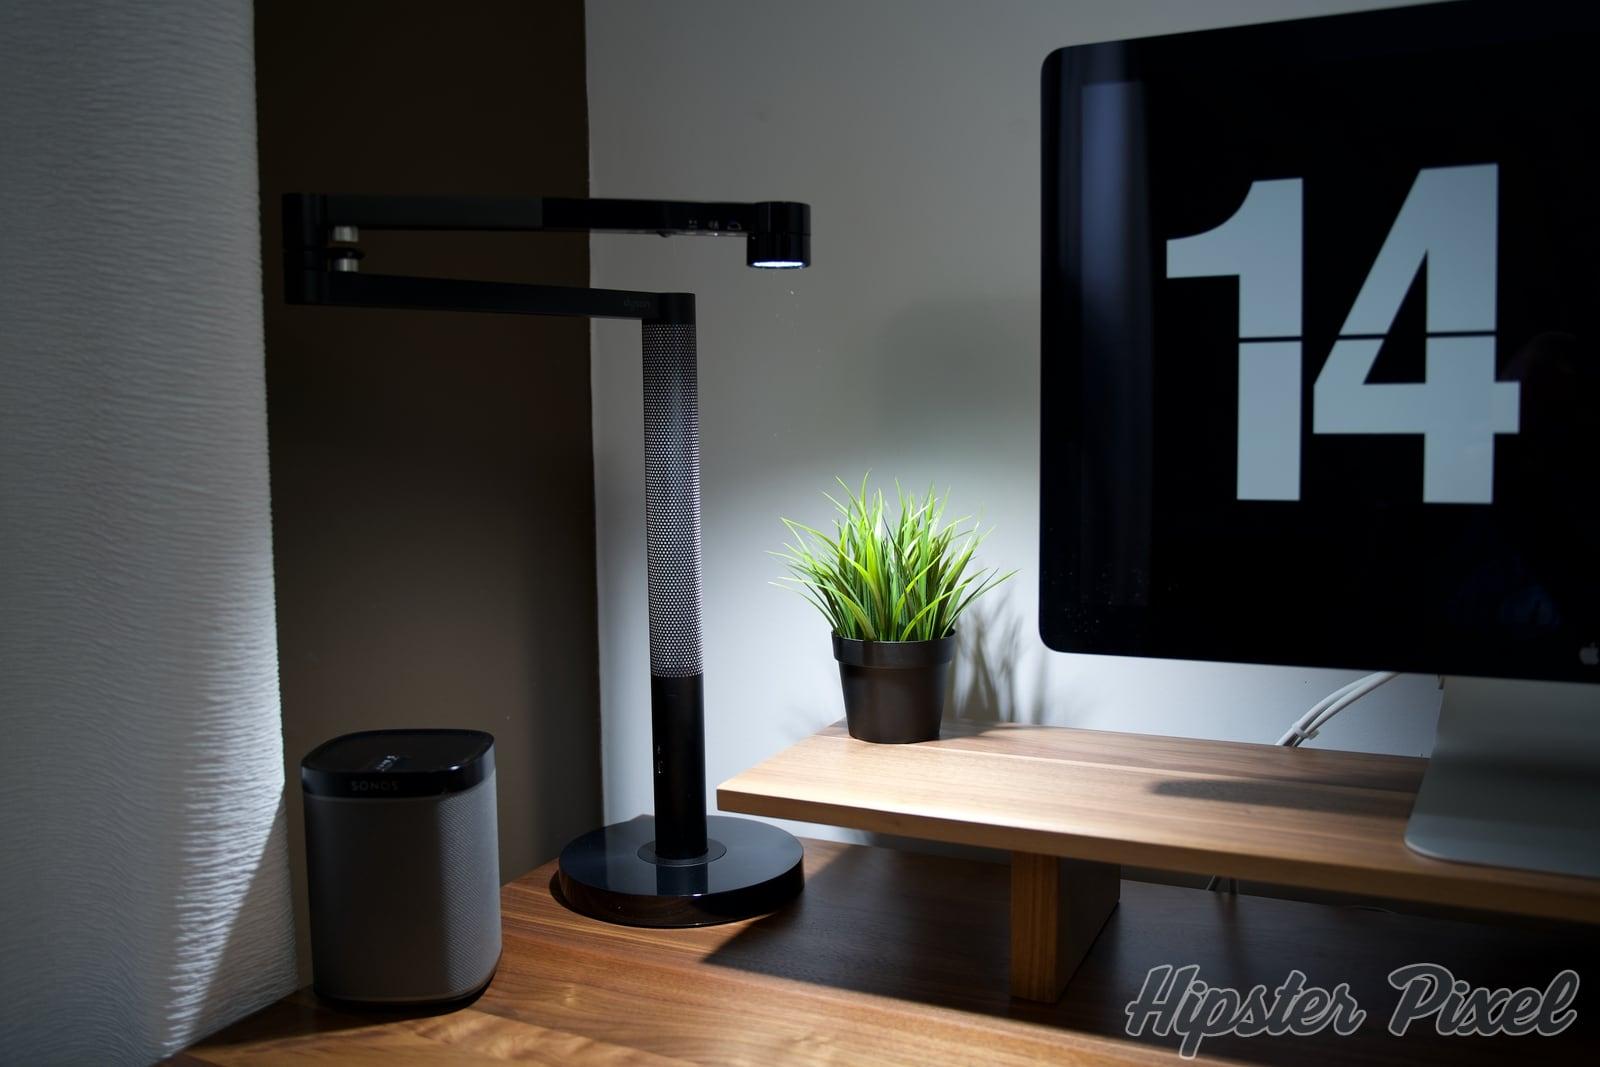 Dyson Lightcycle Morph Desk, a Crazy Light [Review]